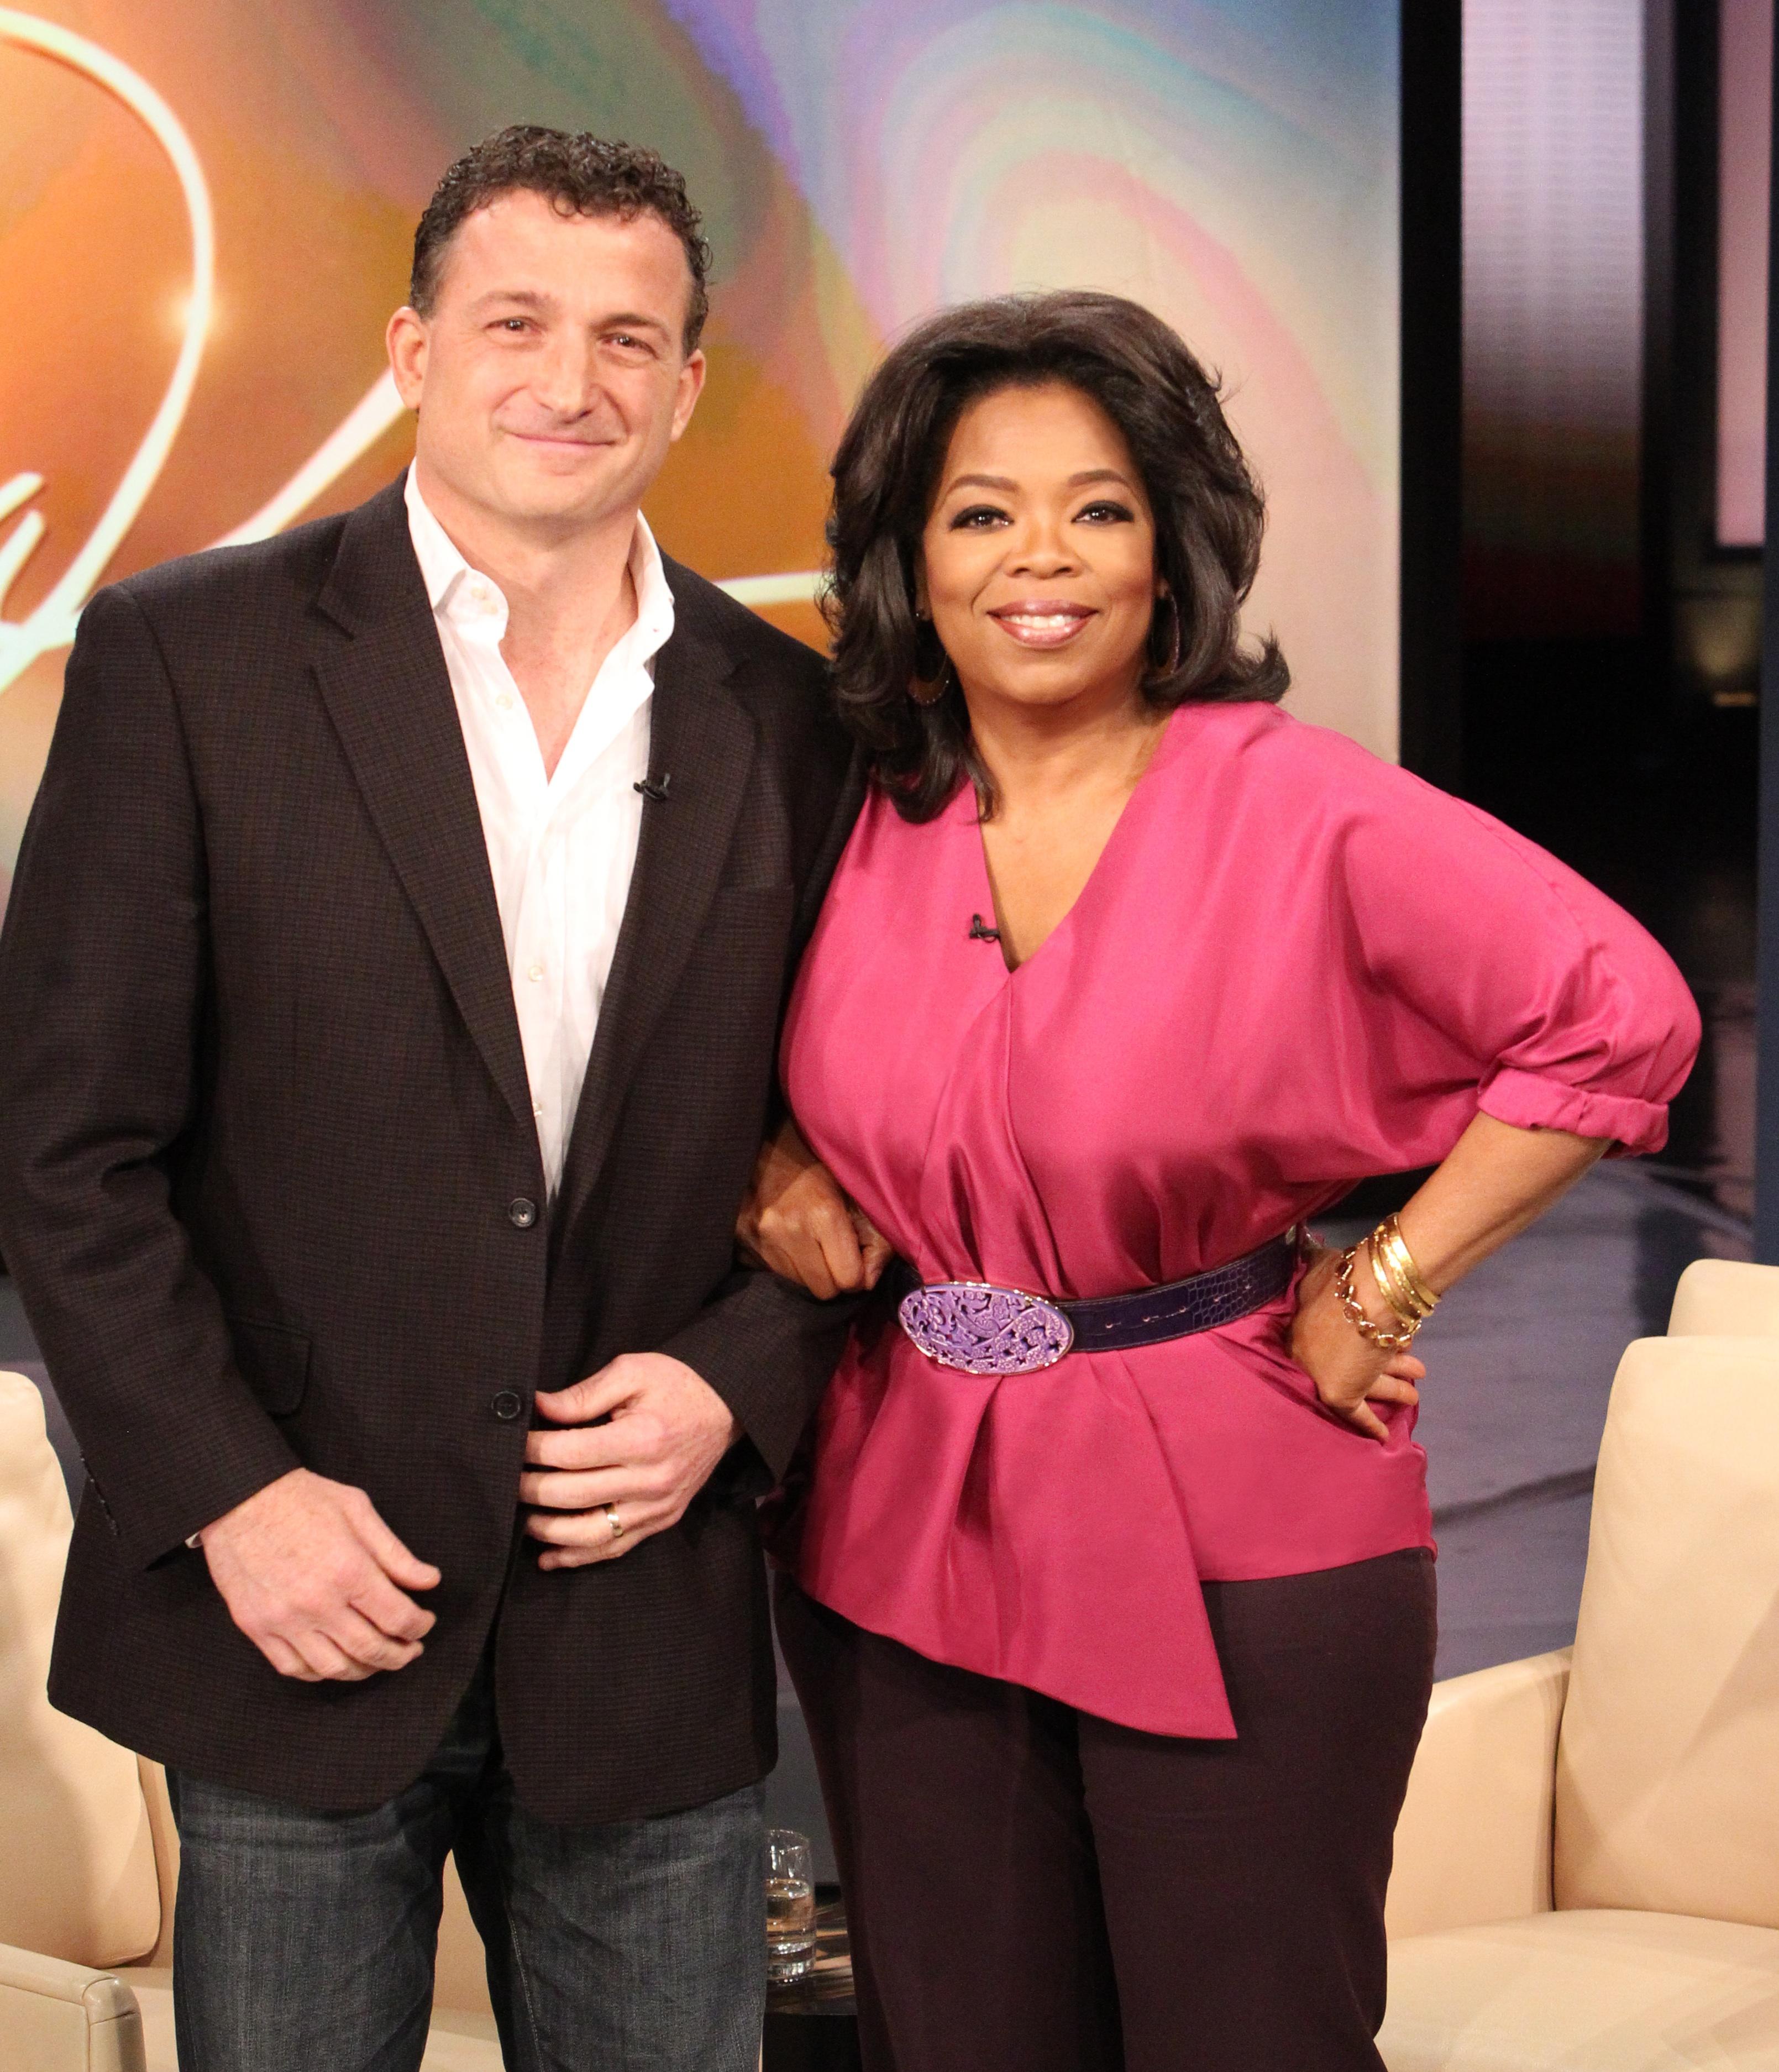 Oprah Winner Gives Back Big